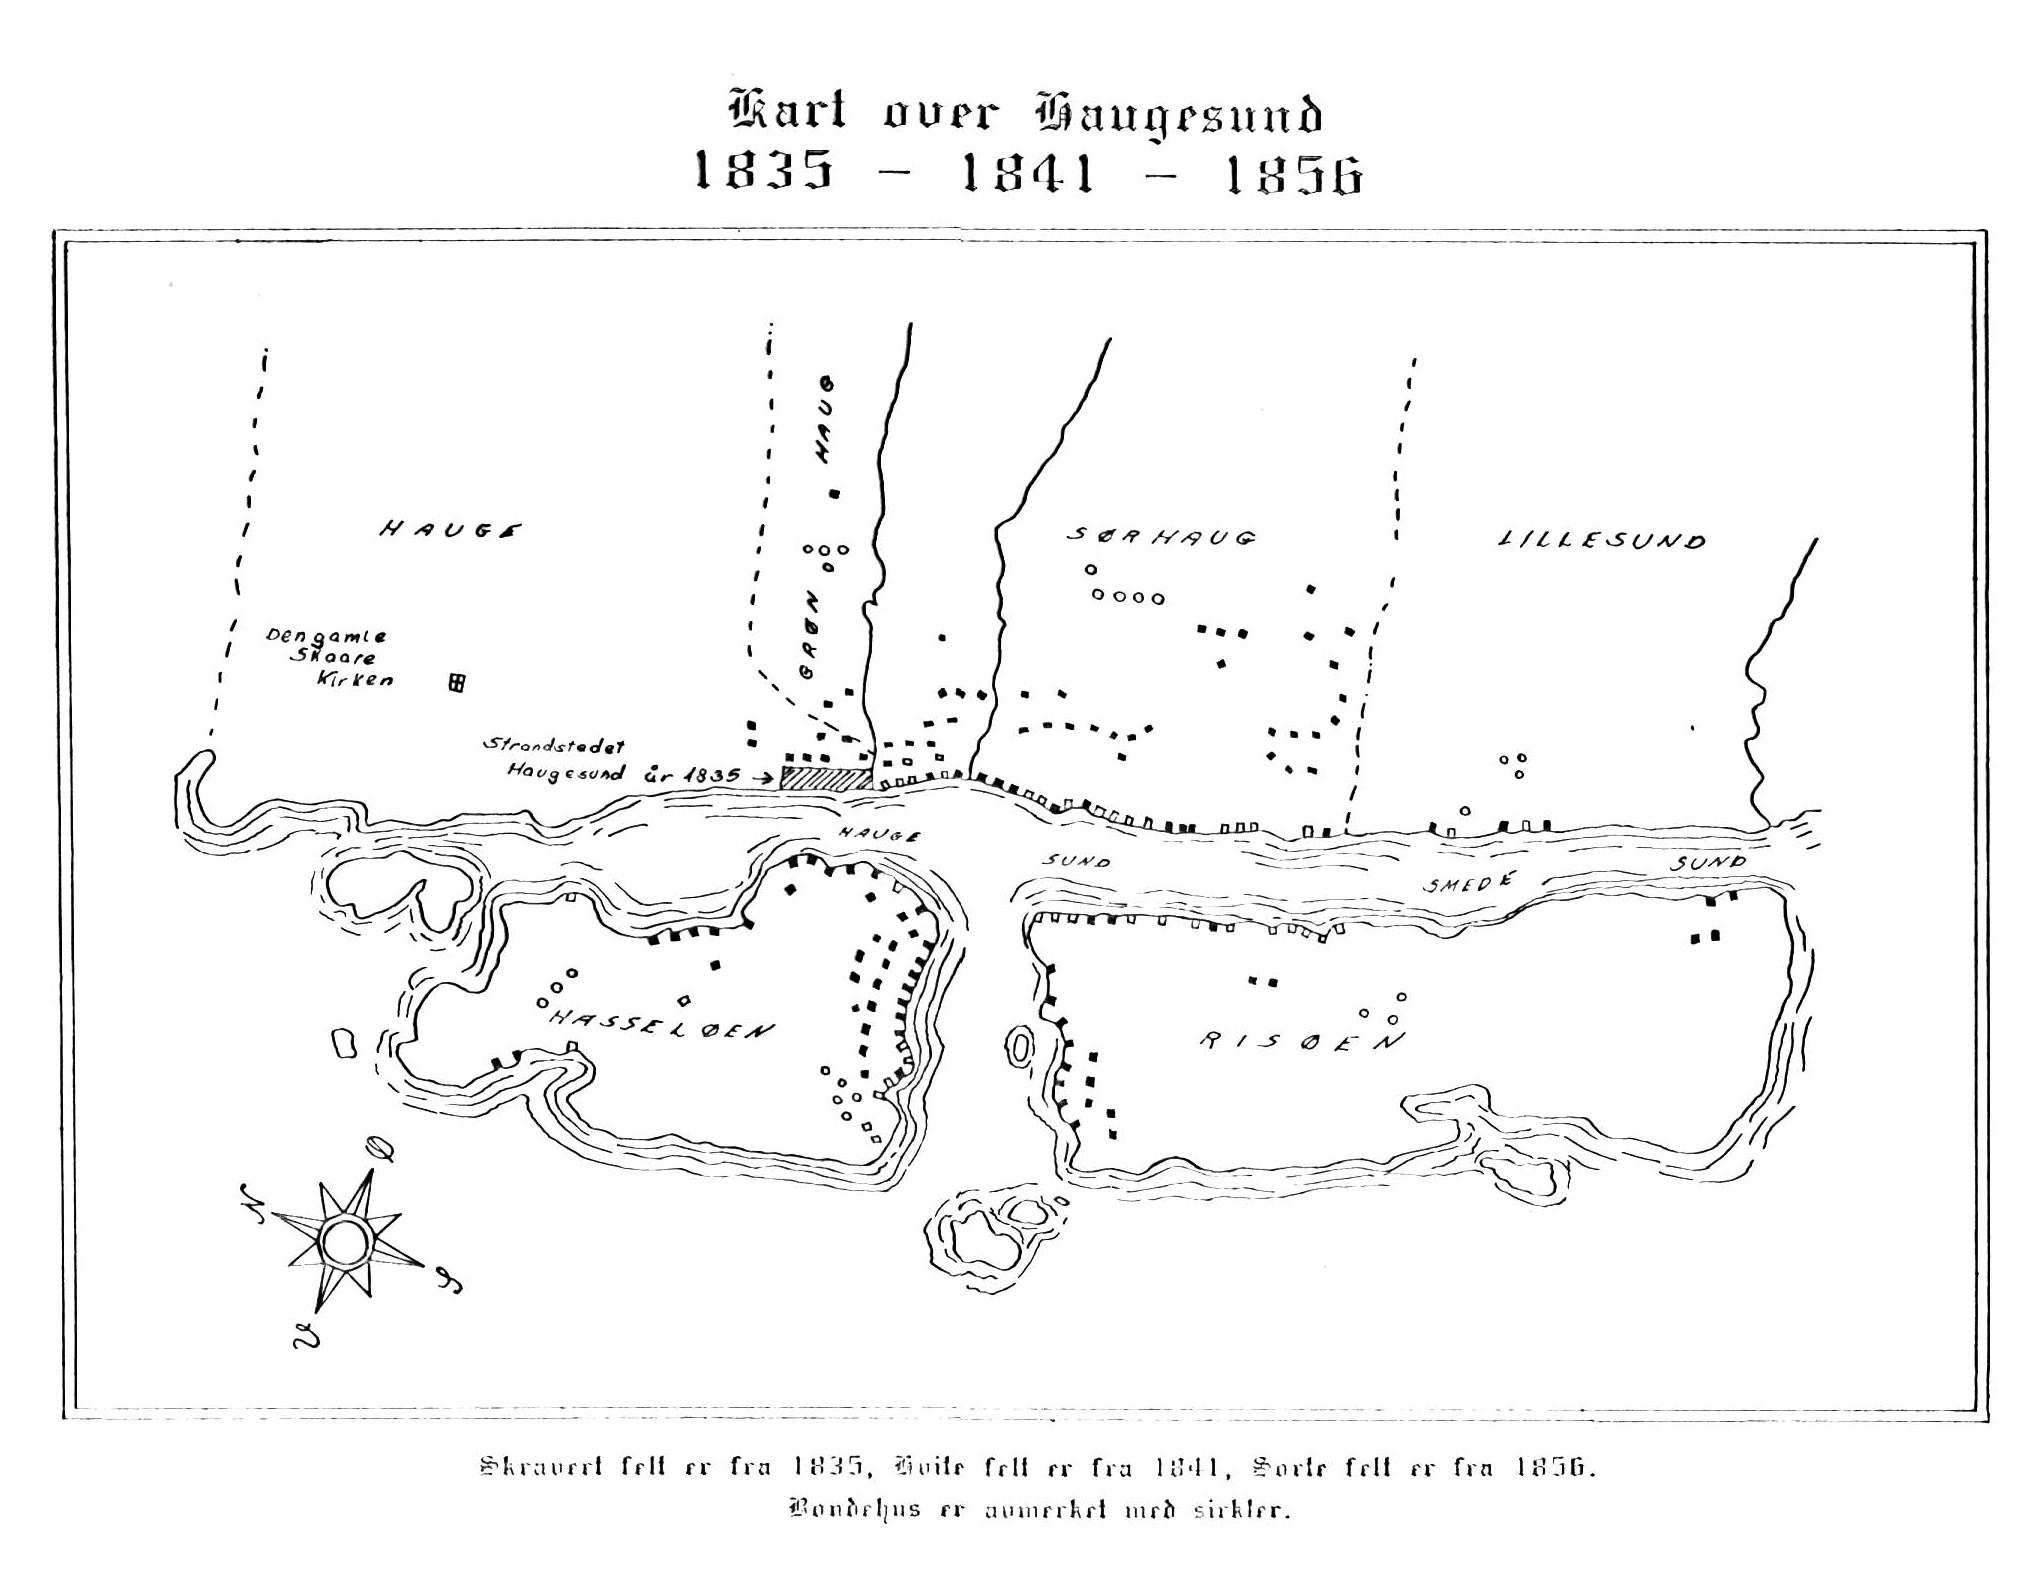 Haugesund_1835-41-56_big